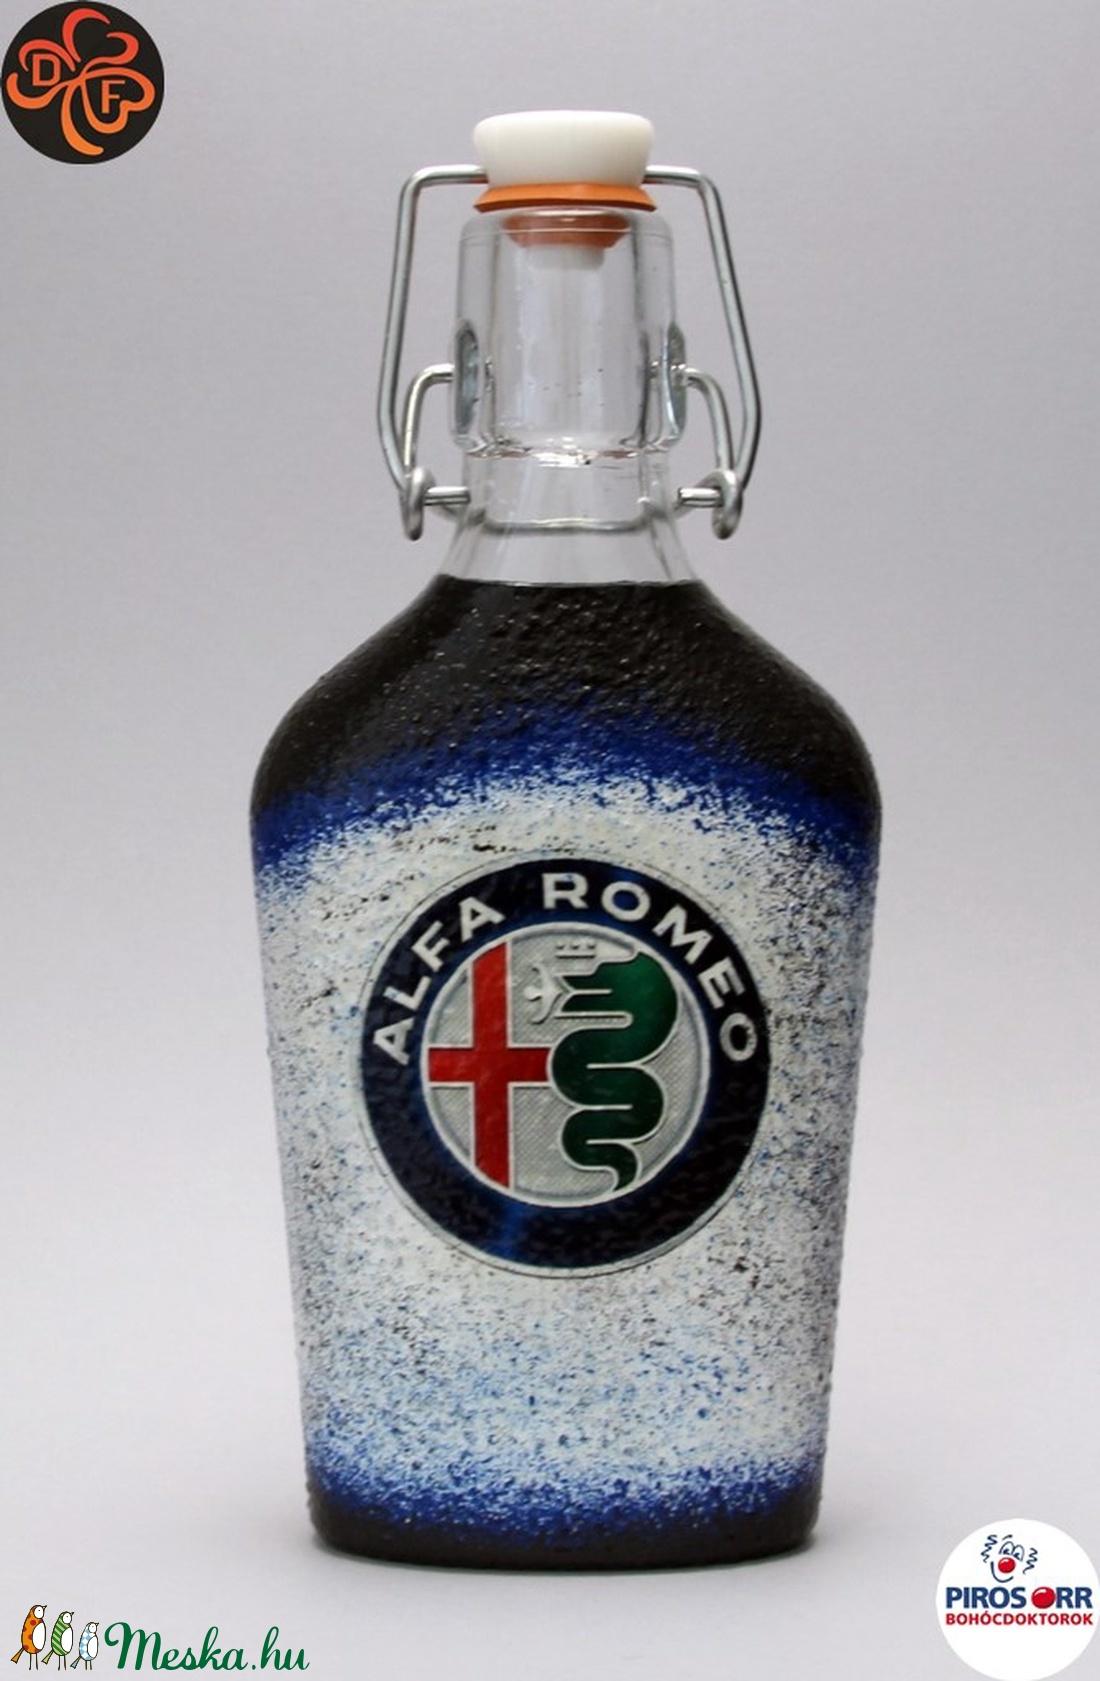 Alfa Romeo csatosüveg ; A saját Alfa autód fotójával is!  (decorfantasy) - Meska.hu